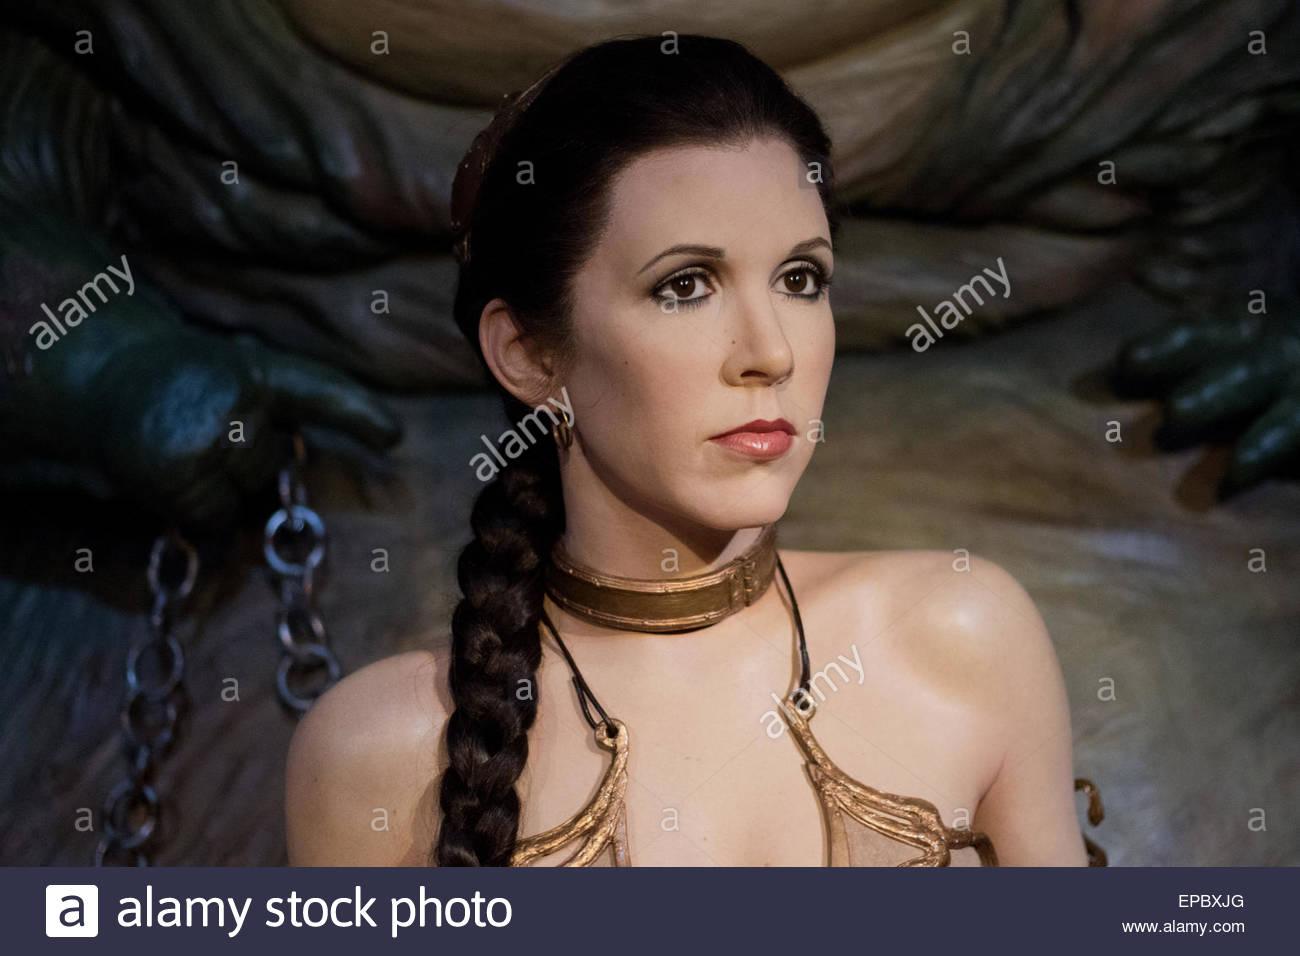 Princesse Leia enchaîné dans son bikini doré par Jabba le Hutt Photo Stock